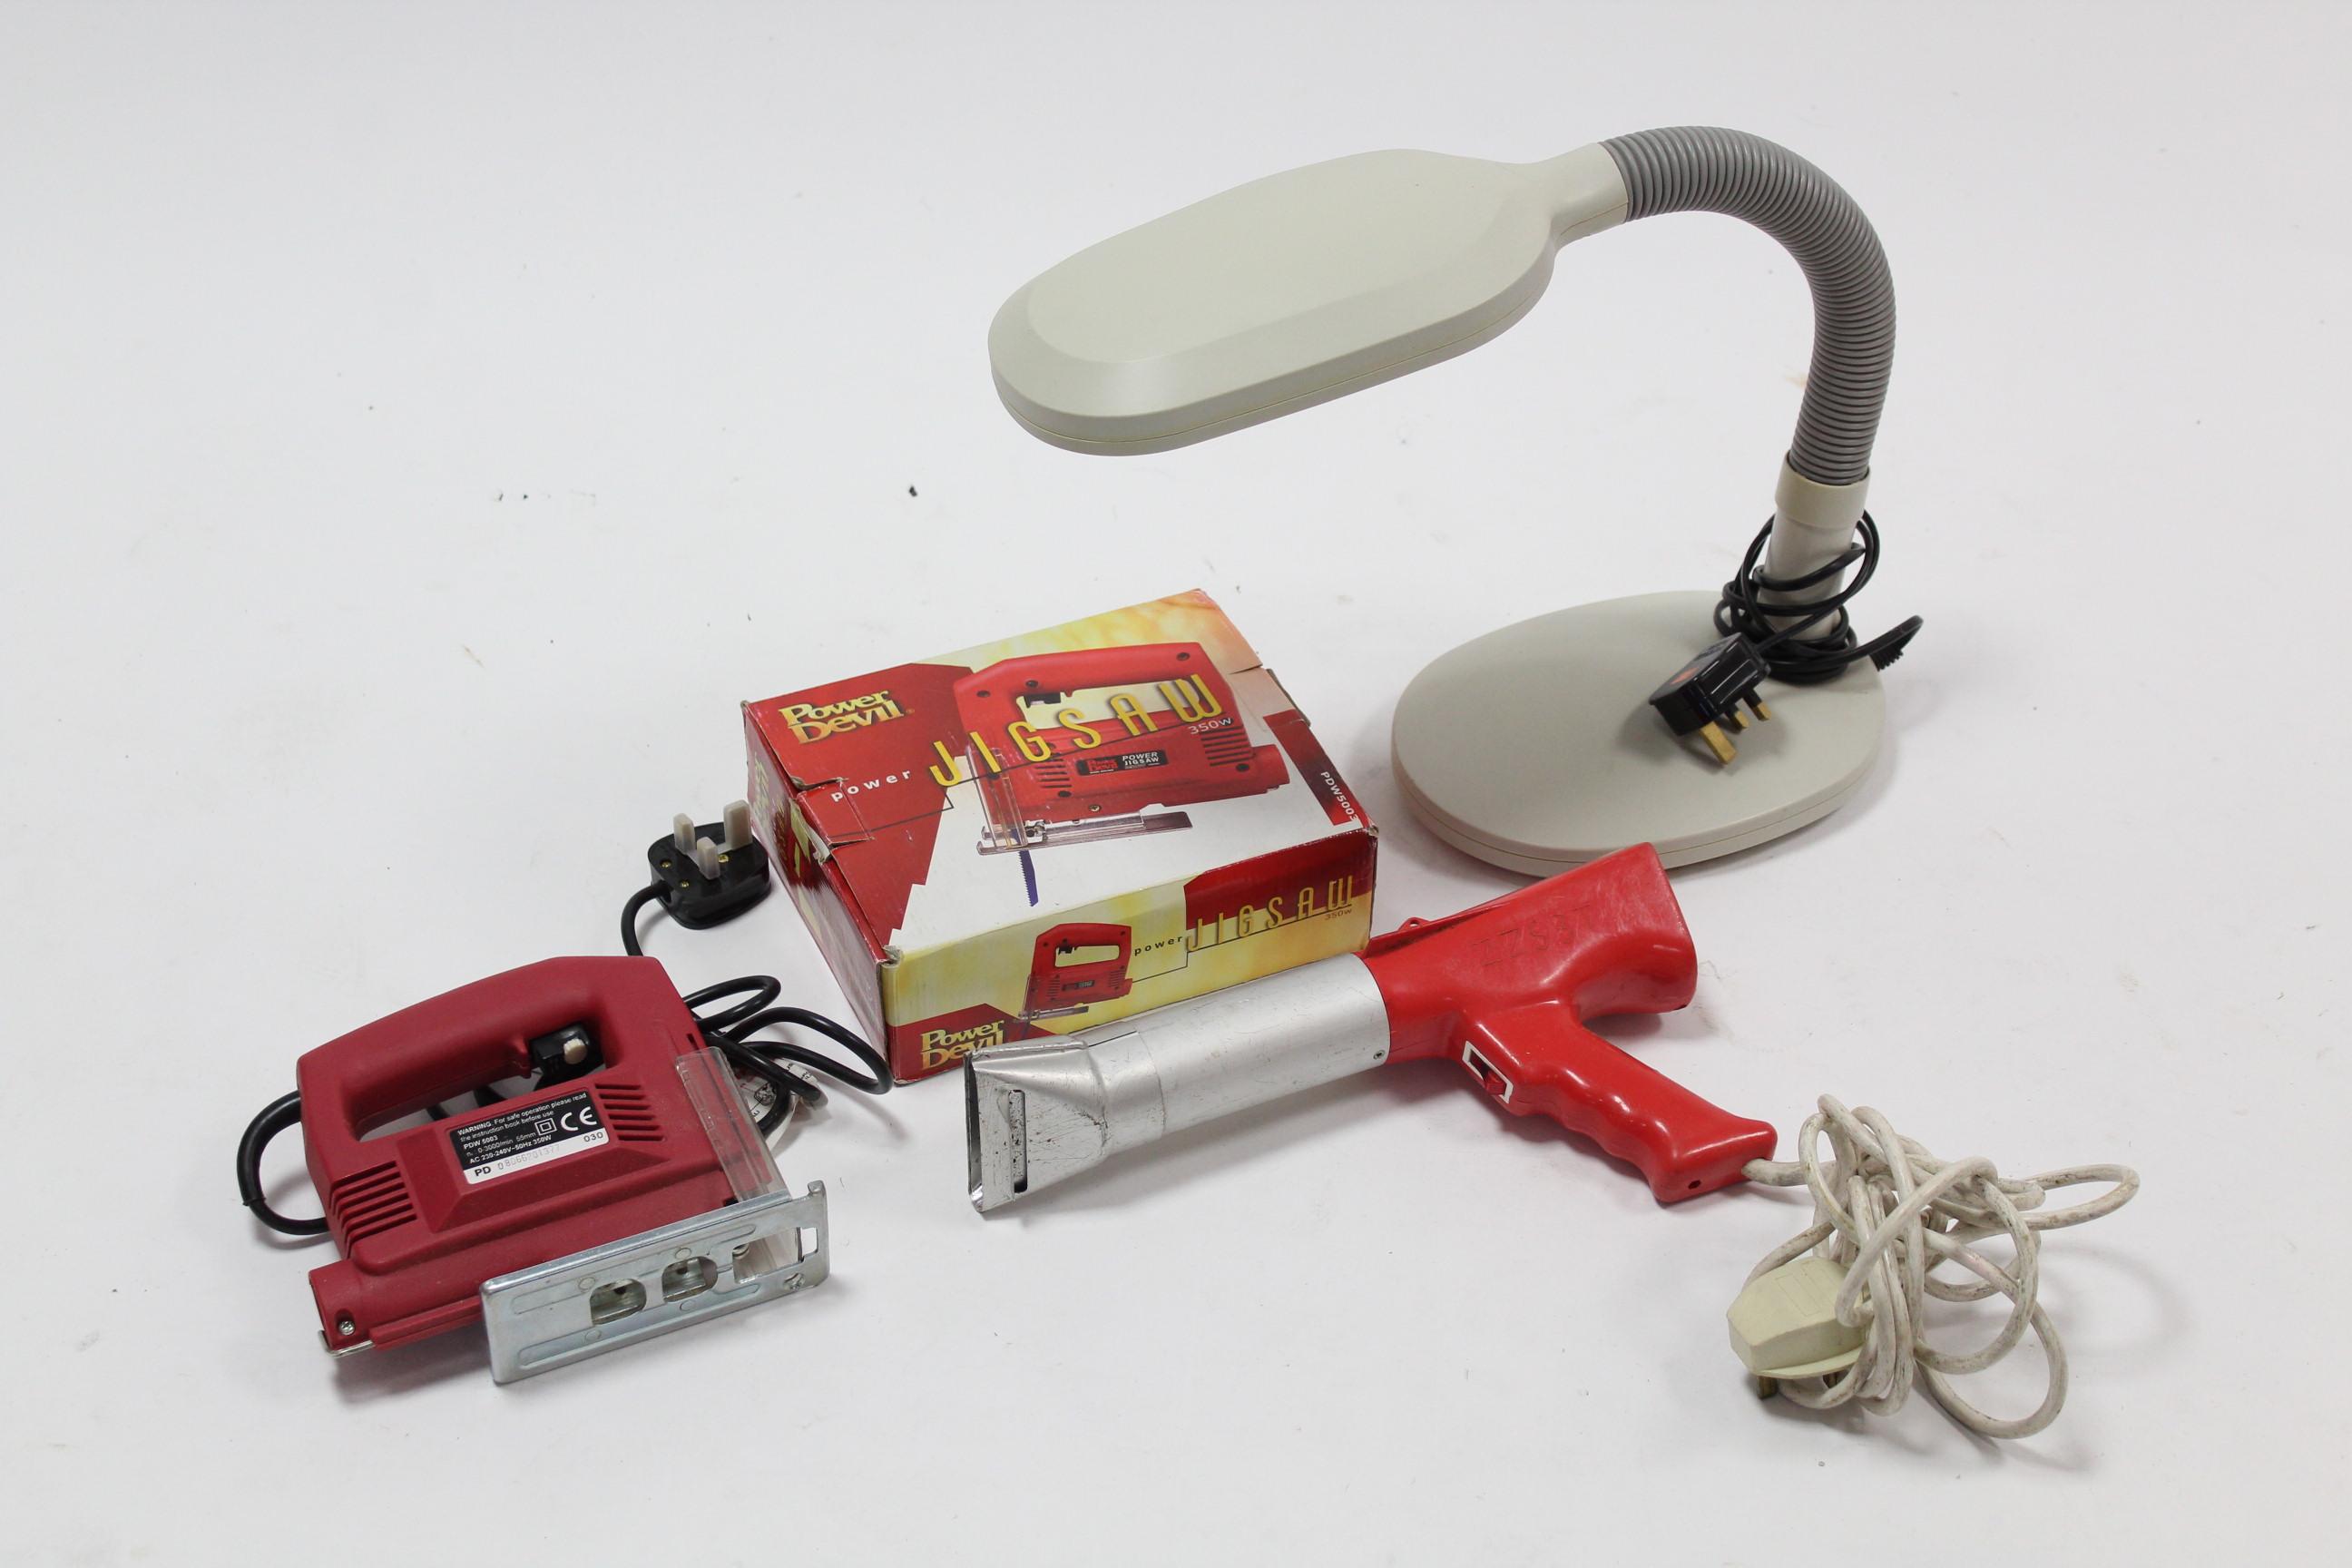 Lot 5 - A Power Devil 350w jigsaw, boxed; a Heat Streak 2000 hot air gun; & a Lifemax anglepoise desk lamp.